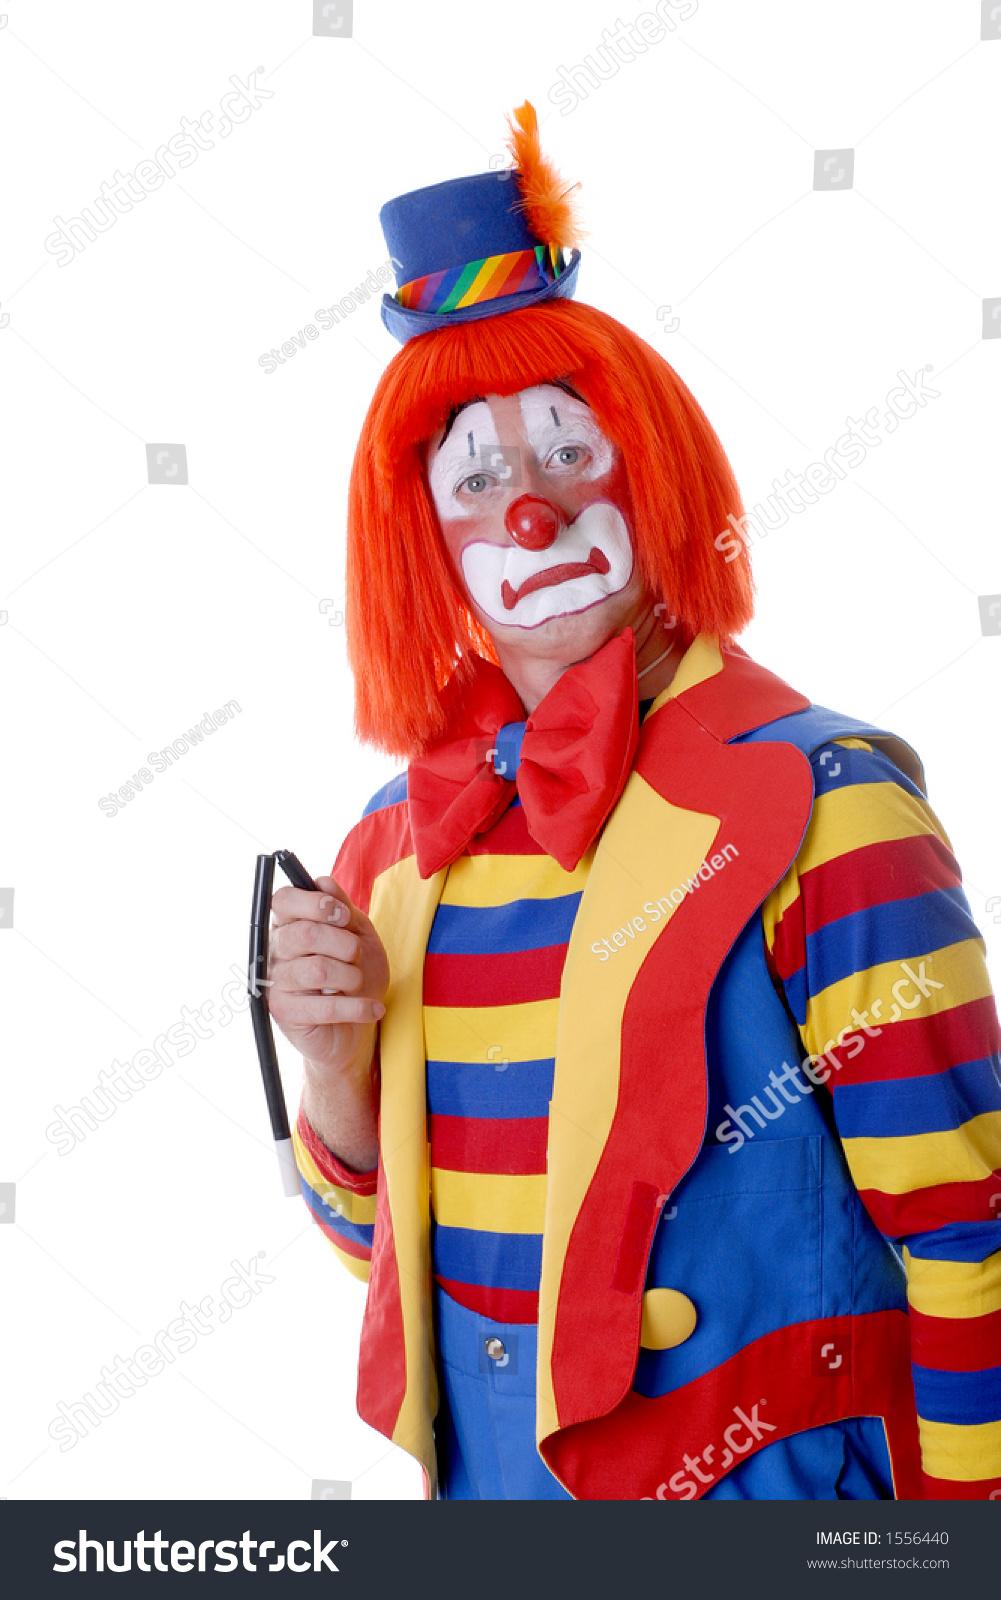 circus clowns - photo #24